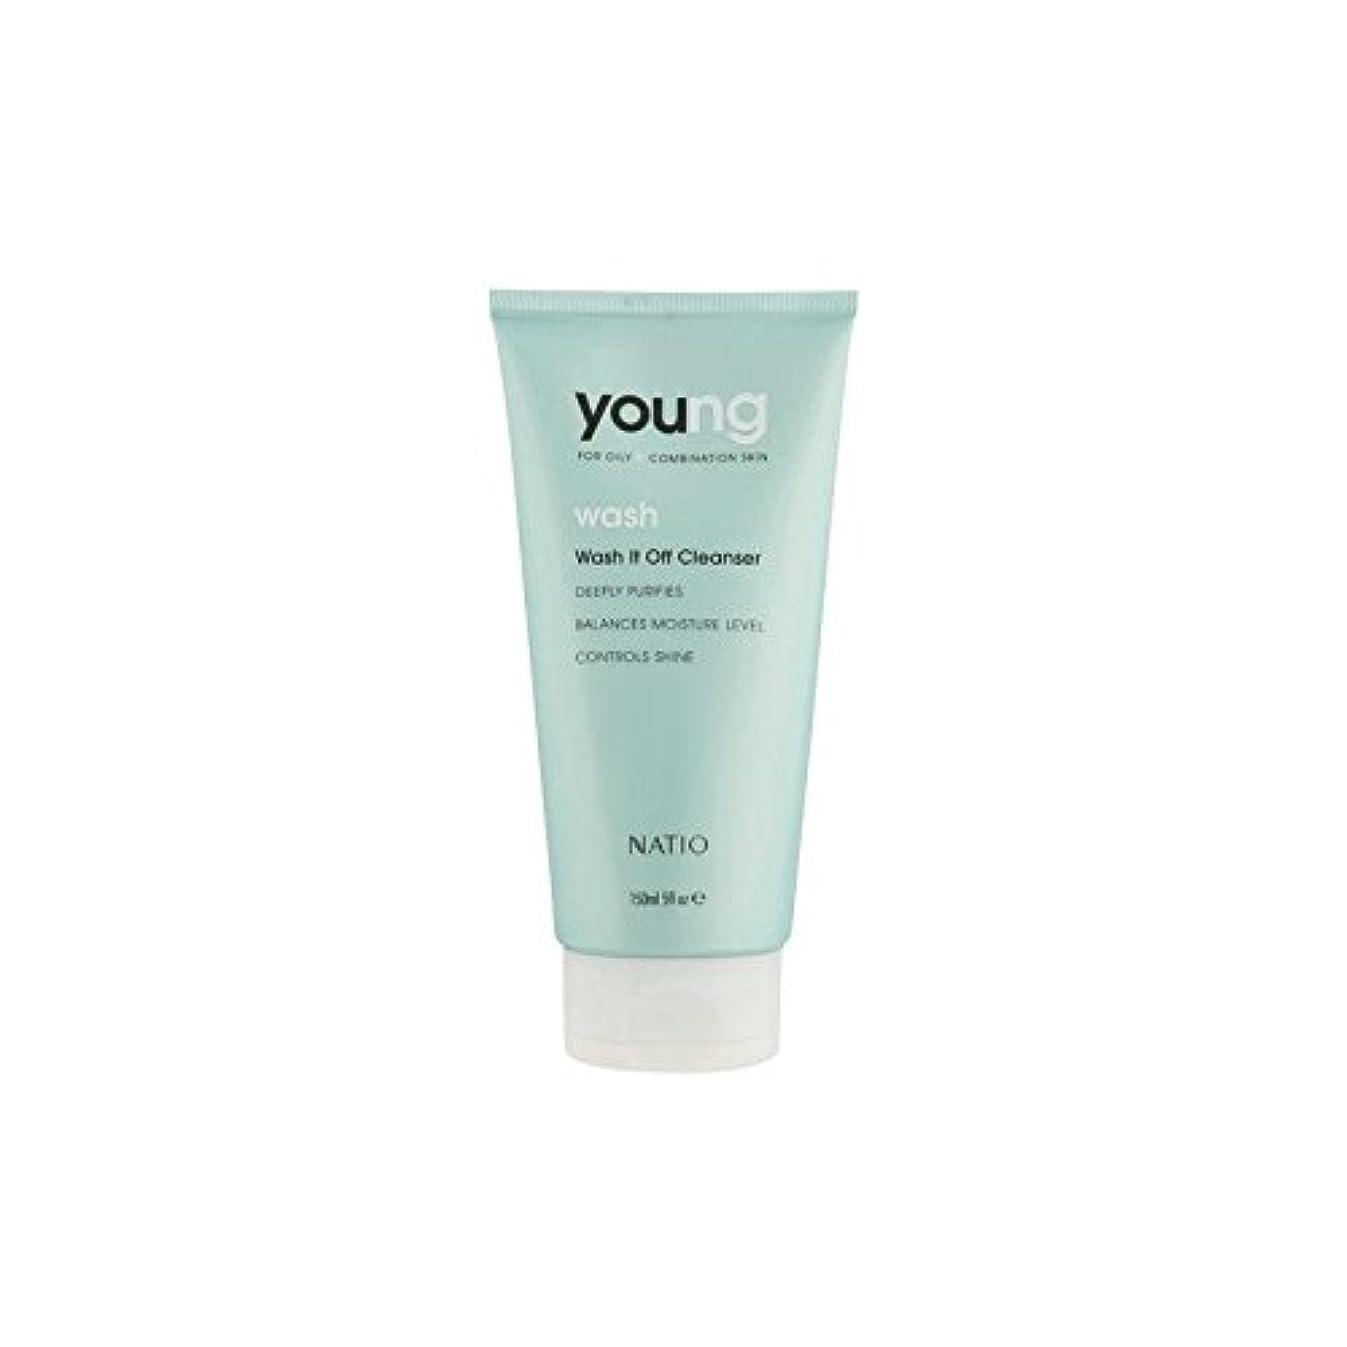 そっと発表ピン若いウォッシュそれオフクレンザー(150ミリリットル) x4 - Natio Young Wash It Off Cleanser (150ml) (Pack of 4) [並行輸入品]